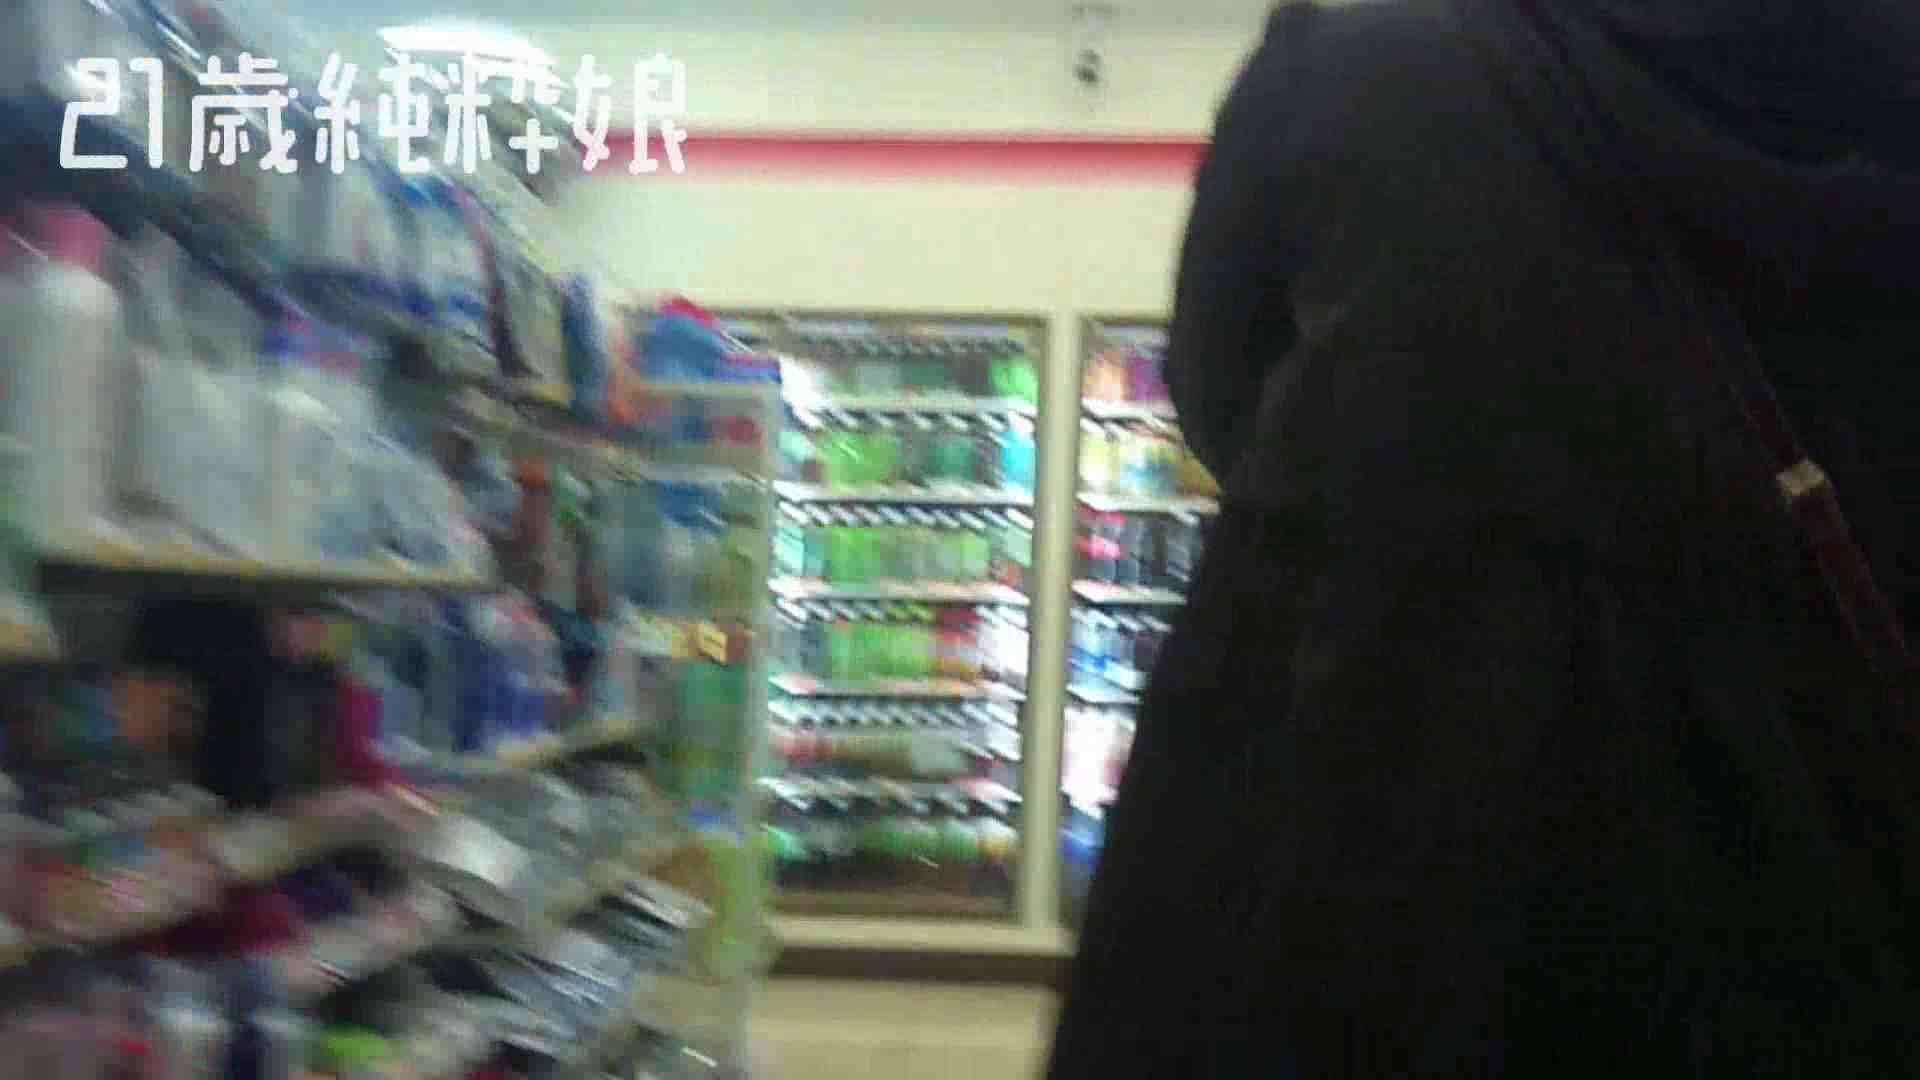 Gカップ21歳純粋嬢第2弾Vol.5 OL | 学校  75連発 7